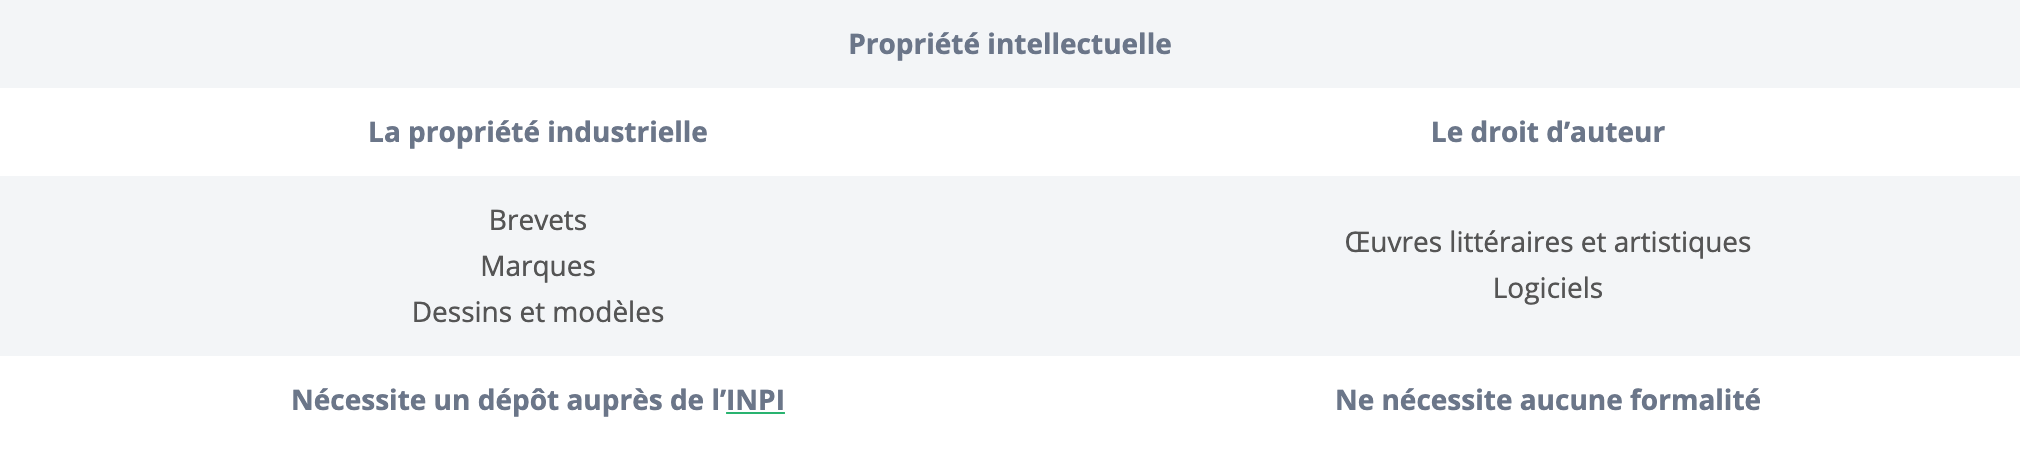 Tableau propriété intellectuelle